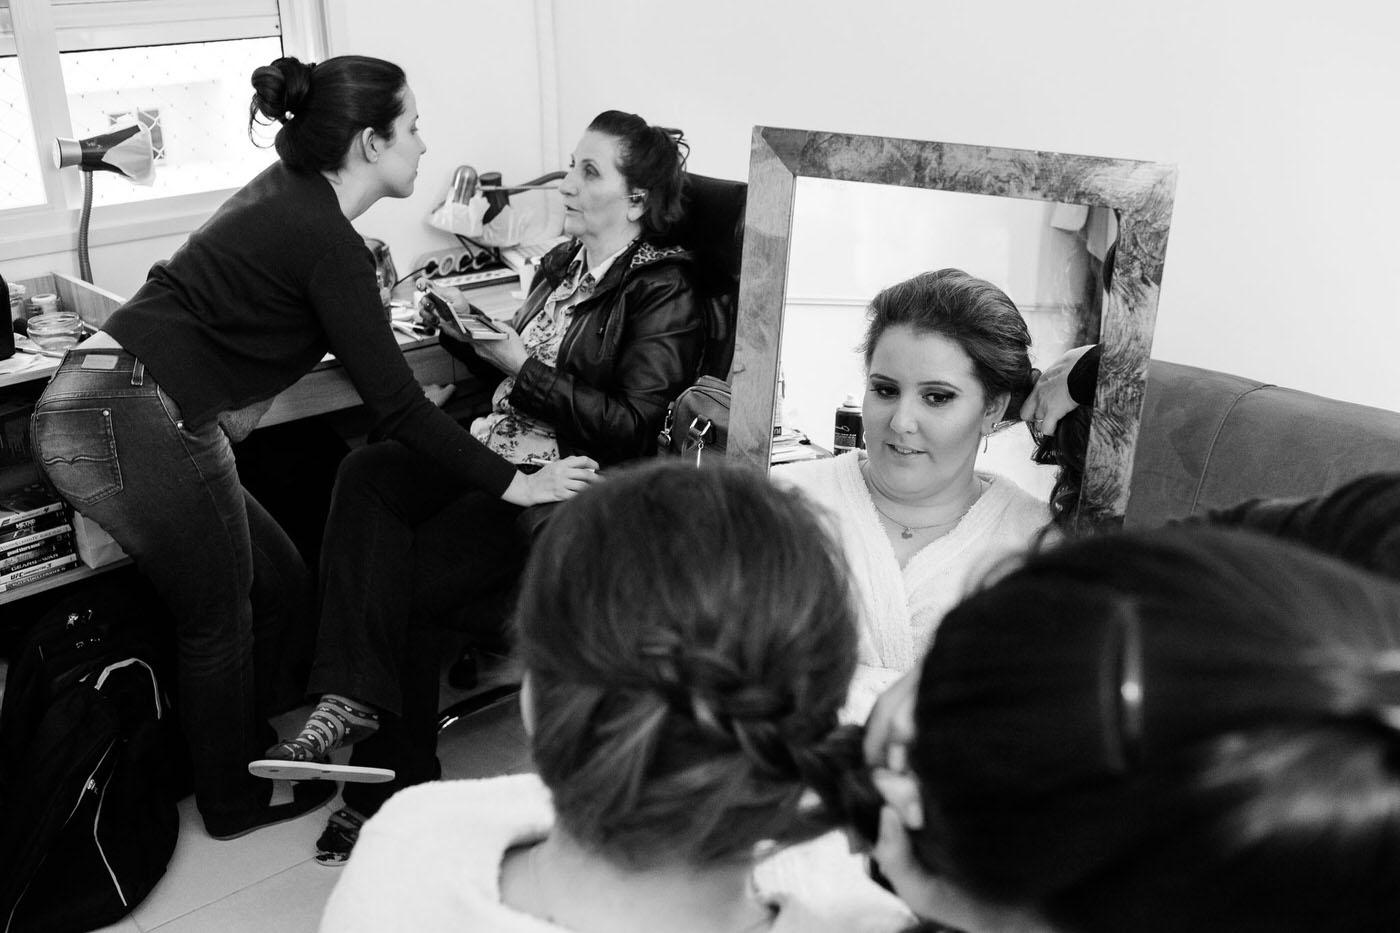 Casamento em Biguaçú: Nunih + Rapha Casamento  Casamento Florianópolis Casamento em Biguaç´